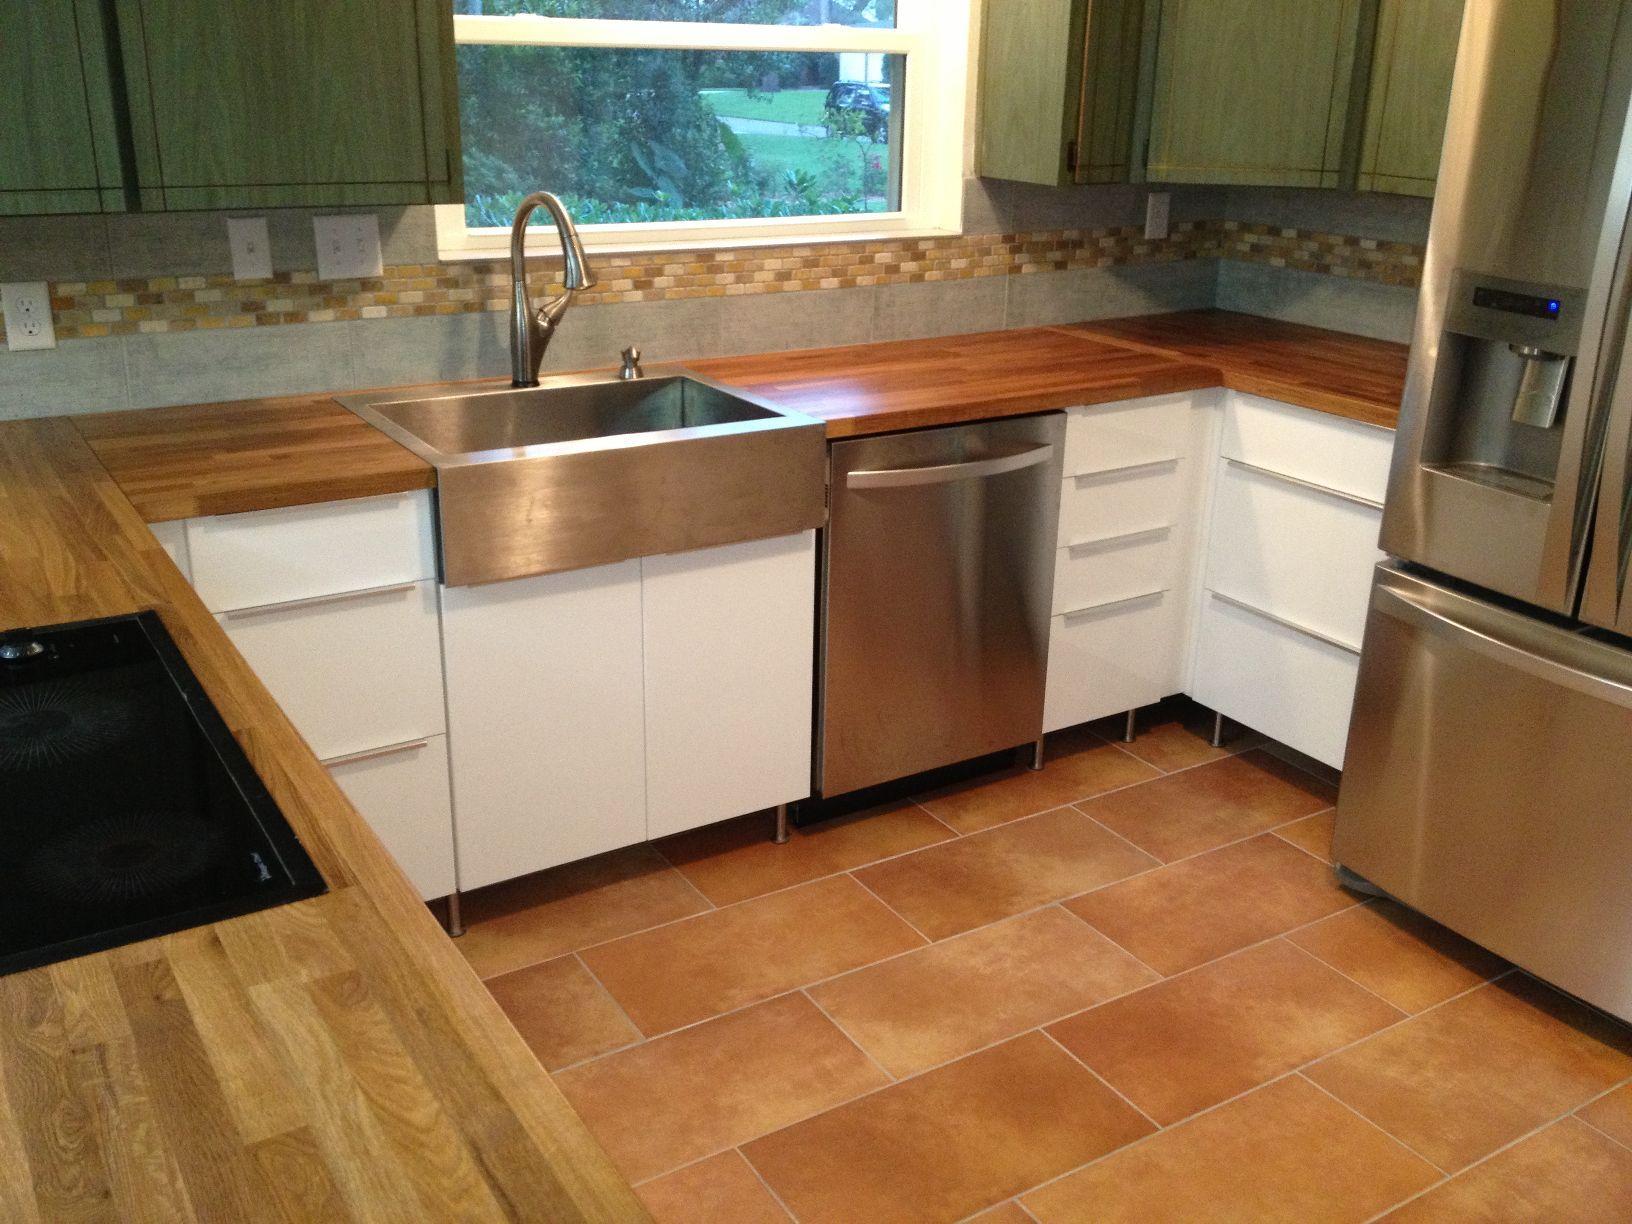 Schöne Holz Arbeitsplatten Für Die Küche Badezimmer | Badezimmer ...